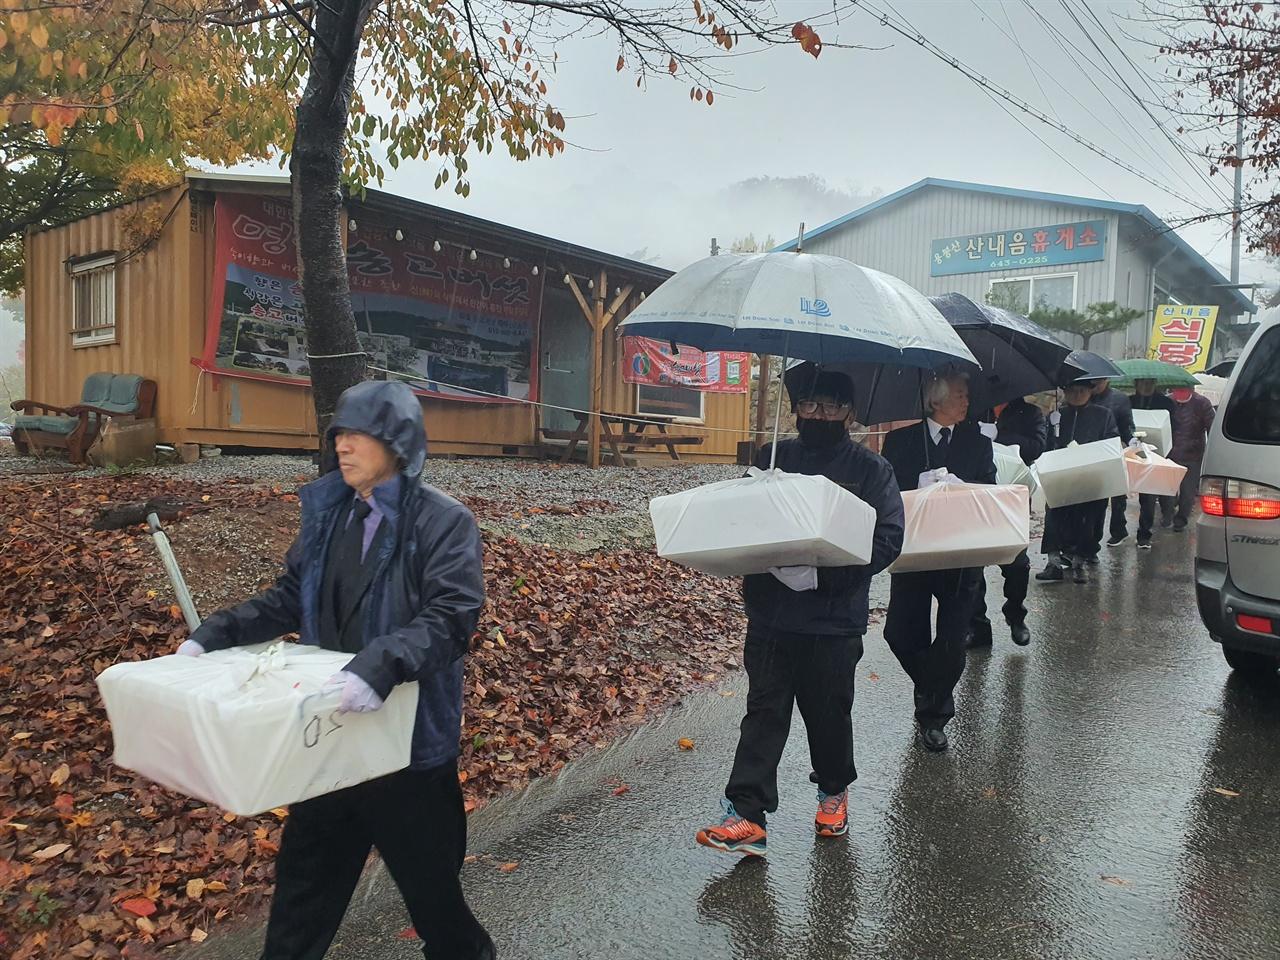 홍성 용봉산 봉안당에 임시 안치되어 있던 24구의 한국전쟁 전후 민간인 희생자의 유해와 유품이 유족들에 의해 운구되고 있다.